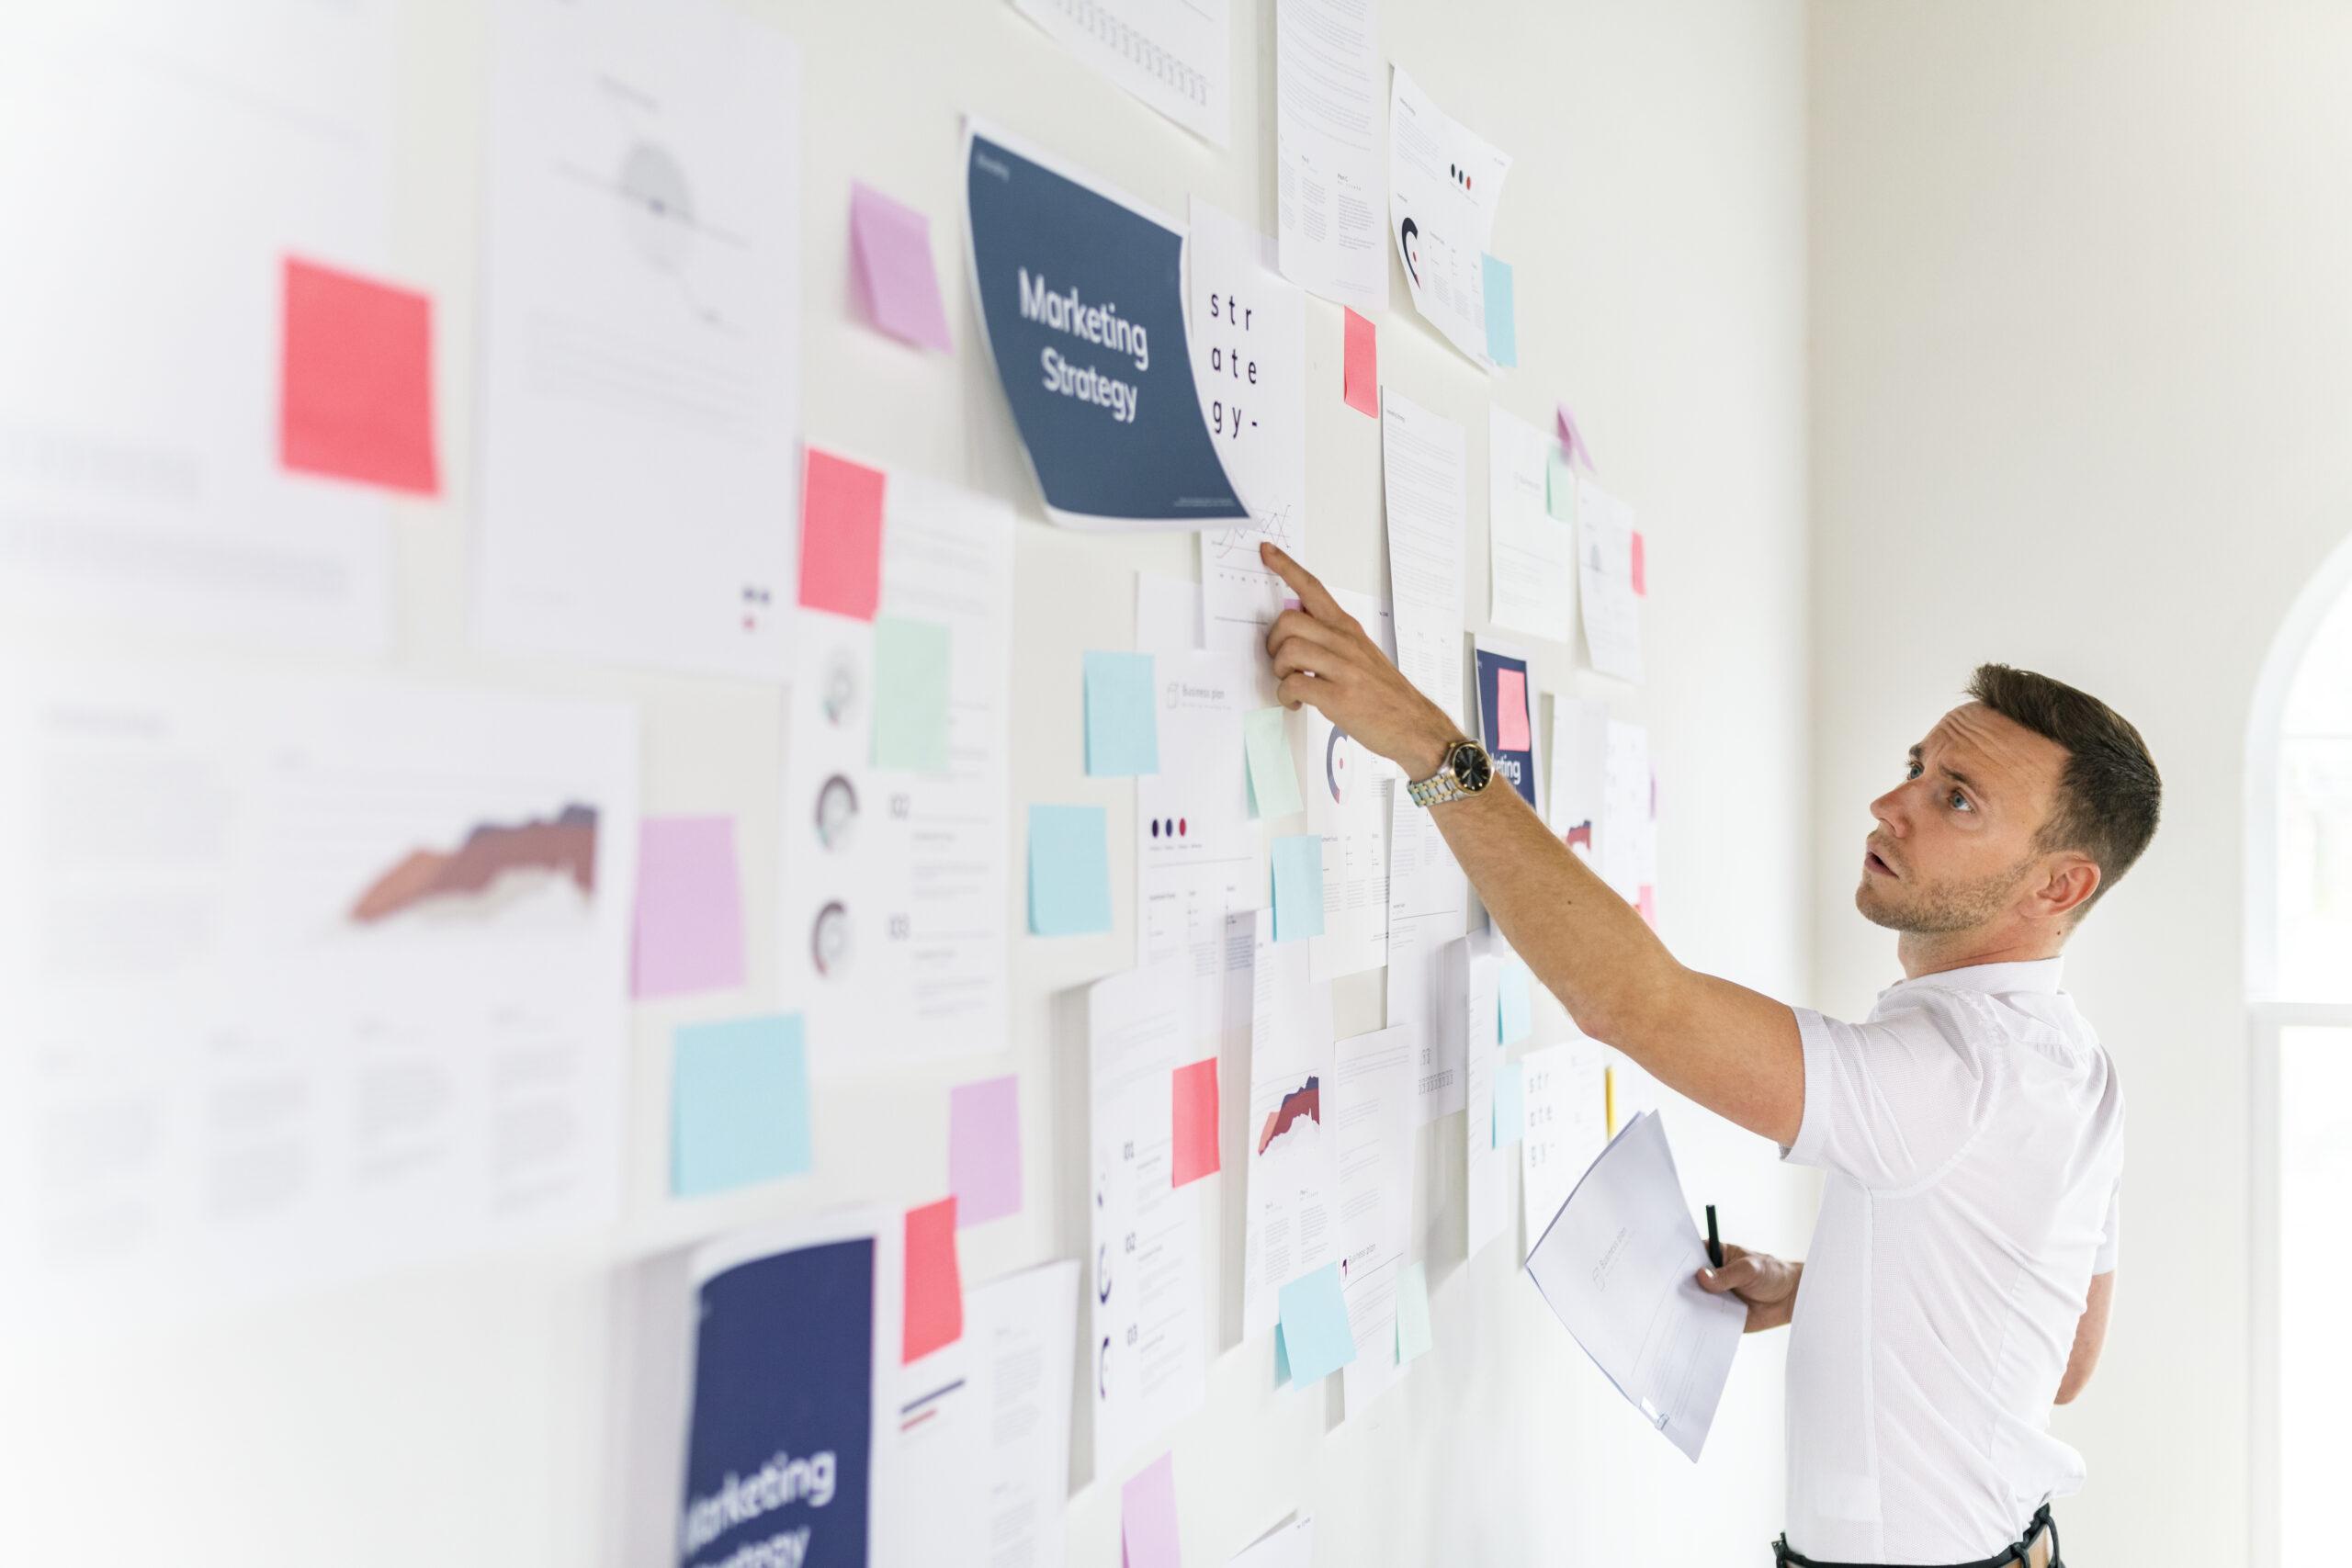 Mann steht vor einem Strategy-Board